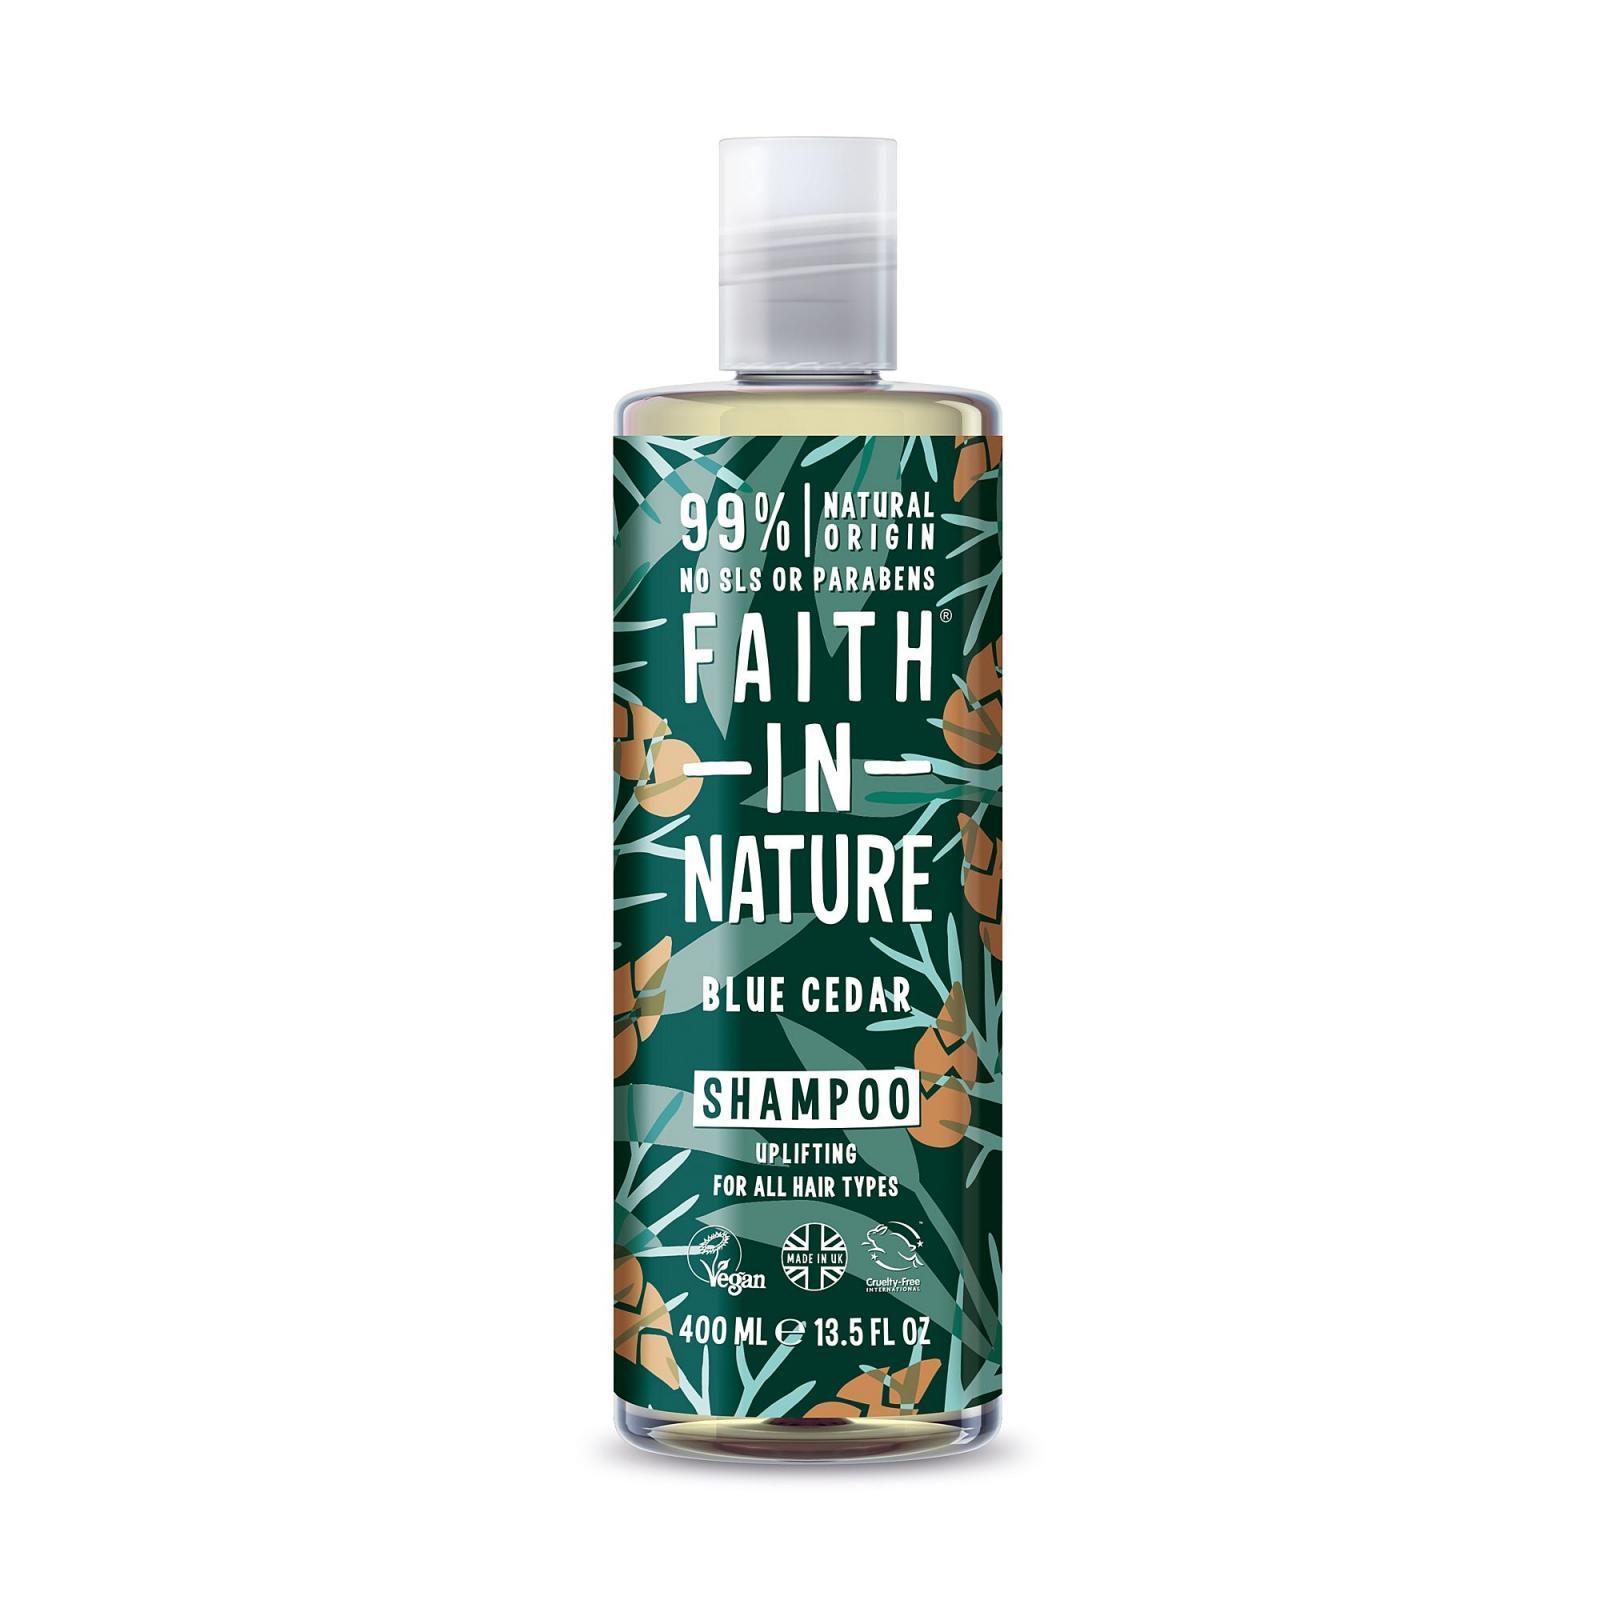 Faith in Nature Šampon modrý cedr, Faith for men 400 ml